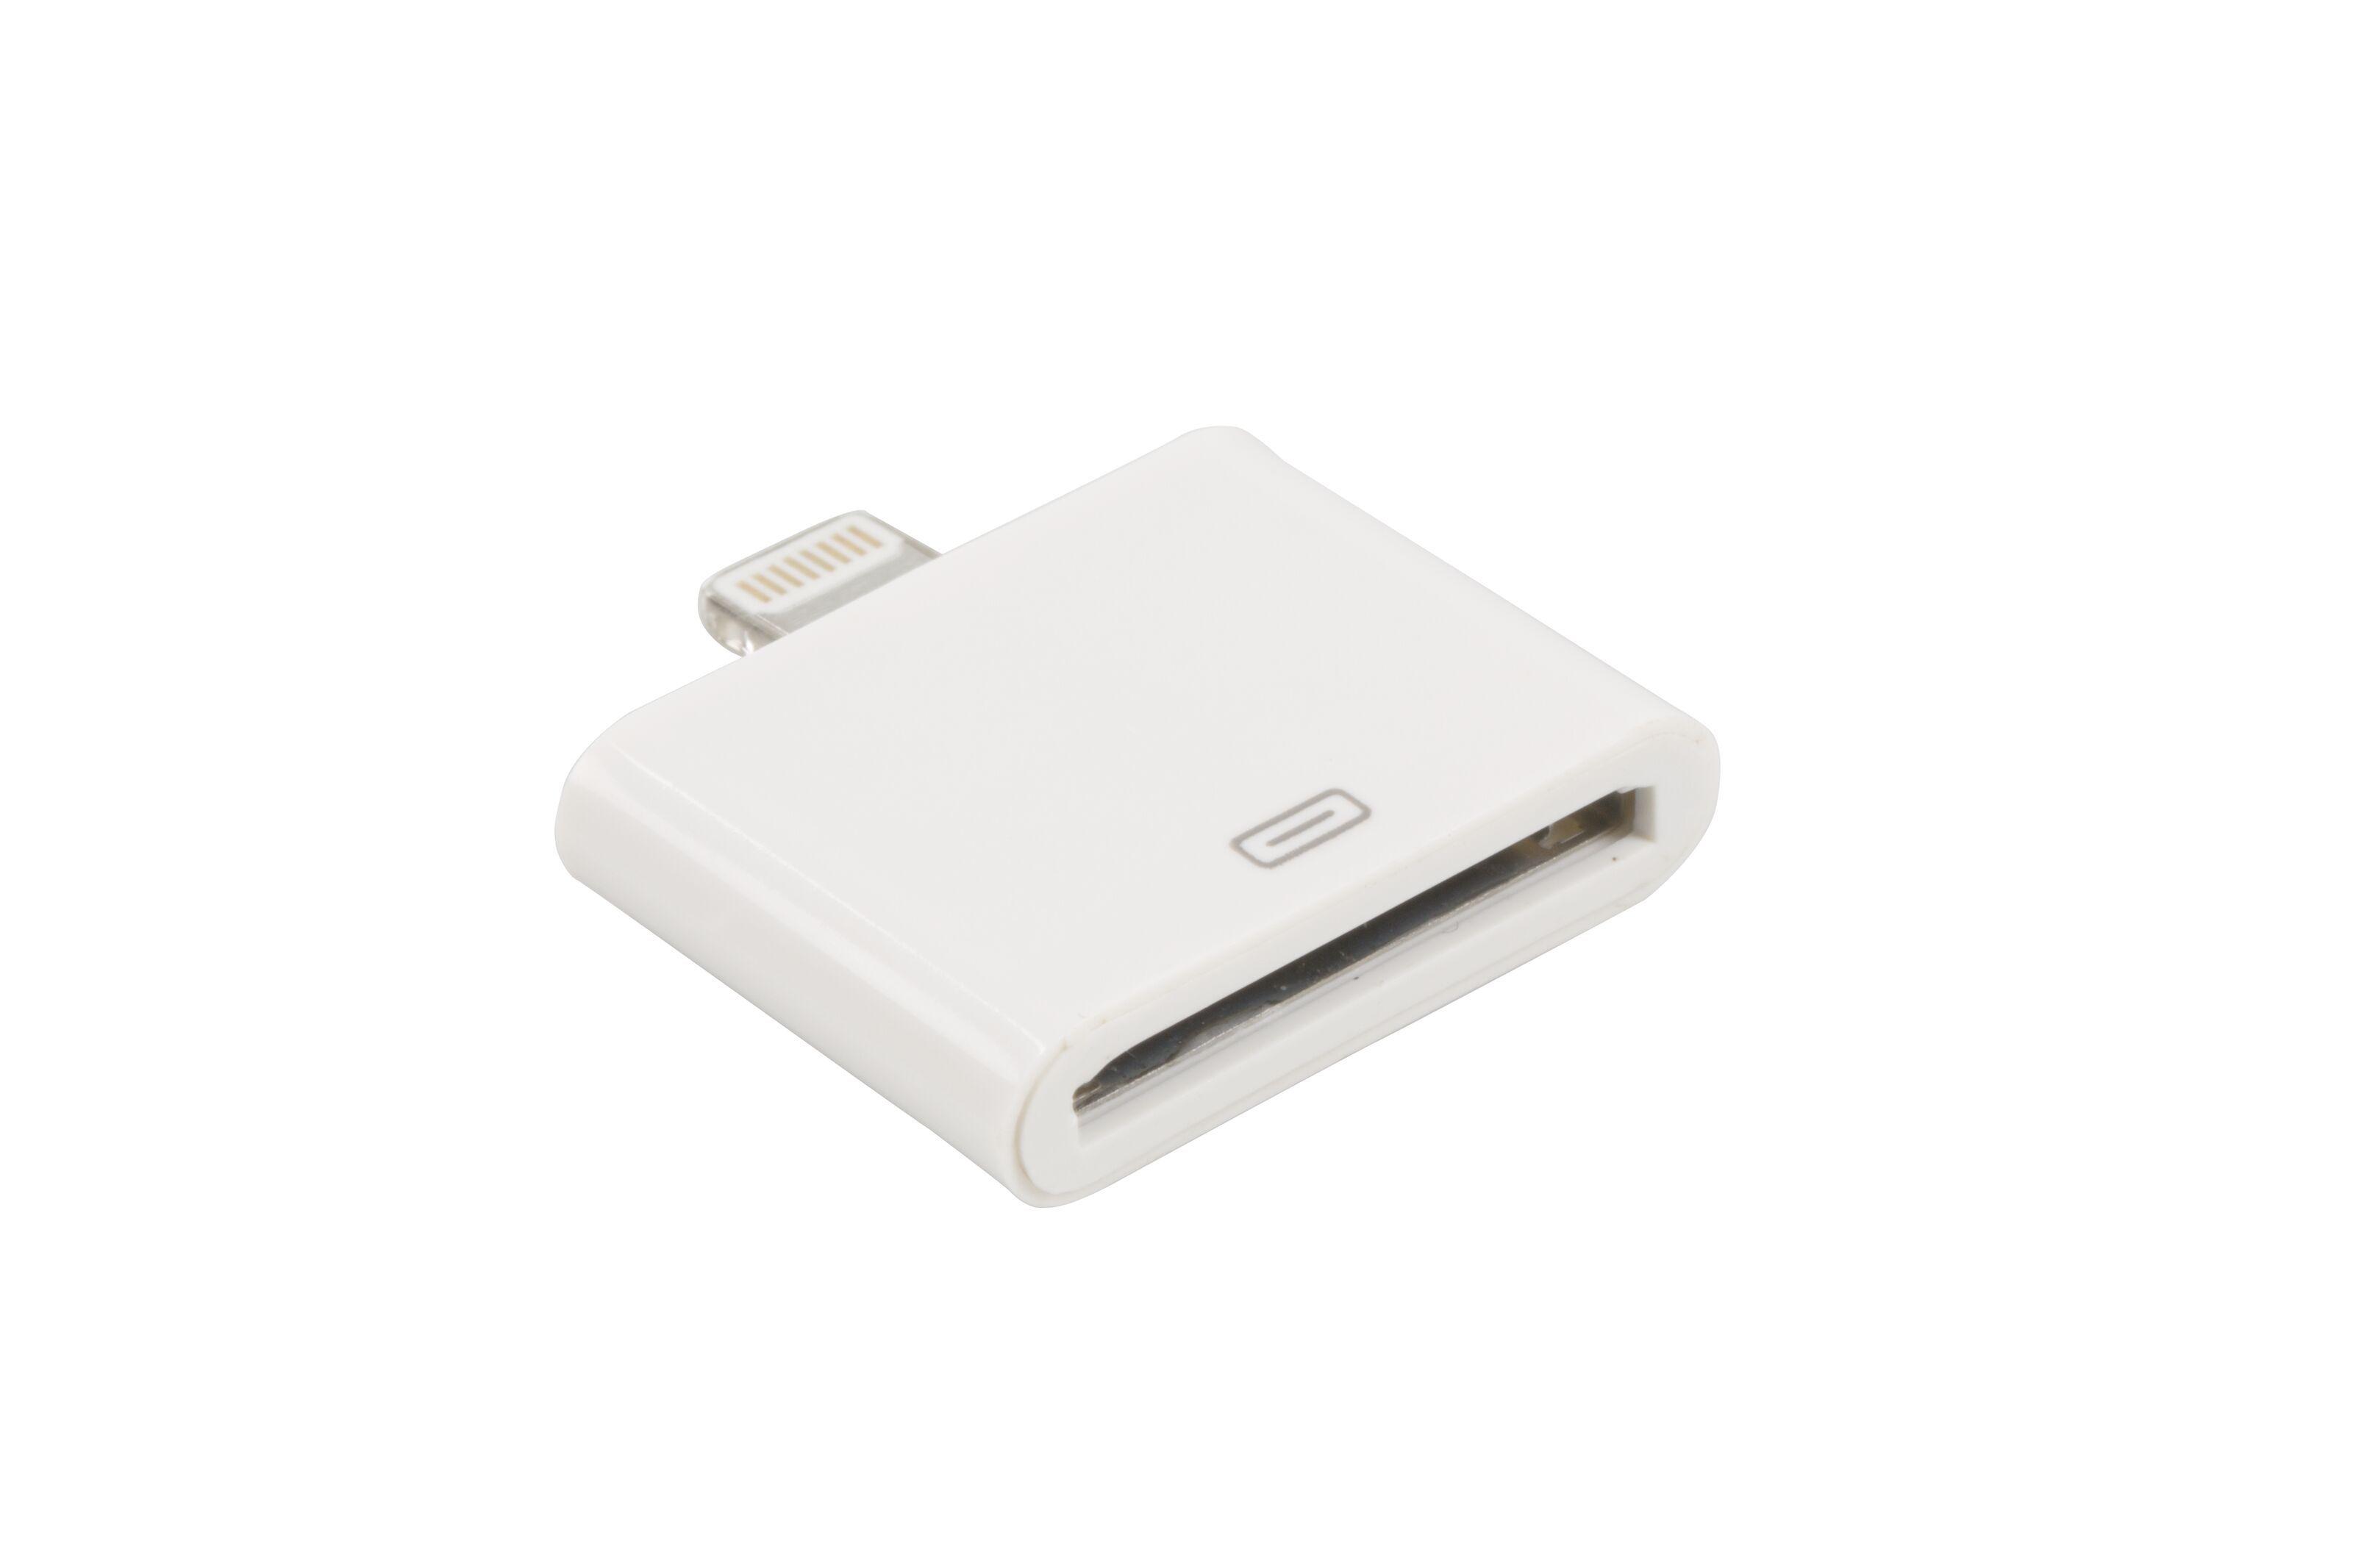 Köp Linocell iPad billaddare 30 pin billigt online iPhone